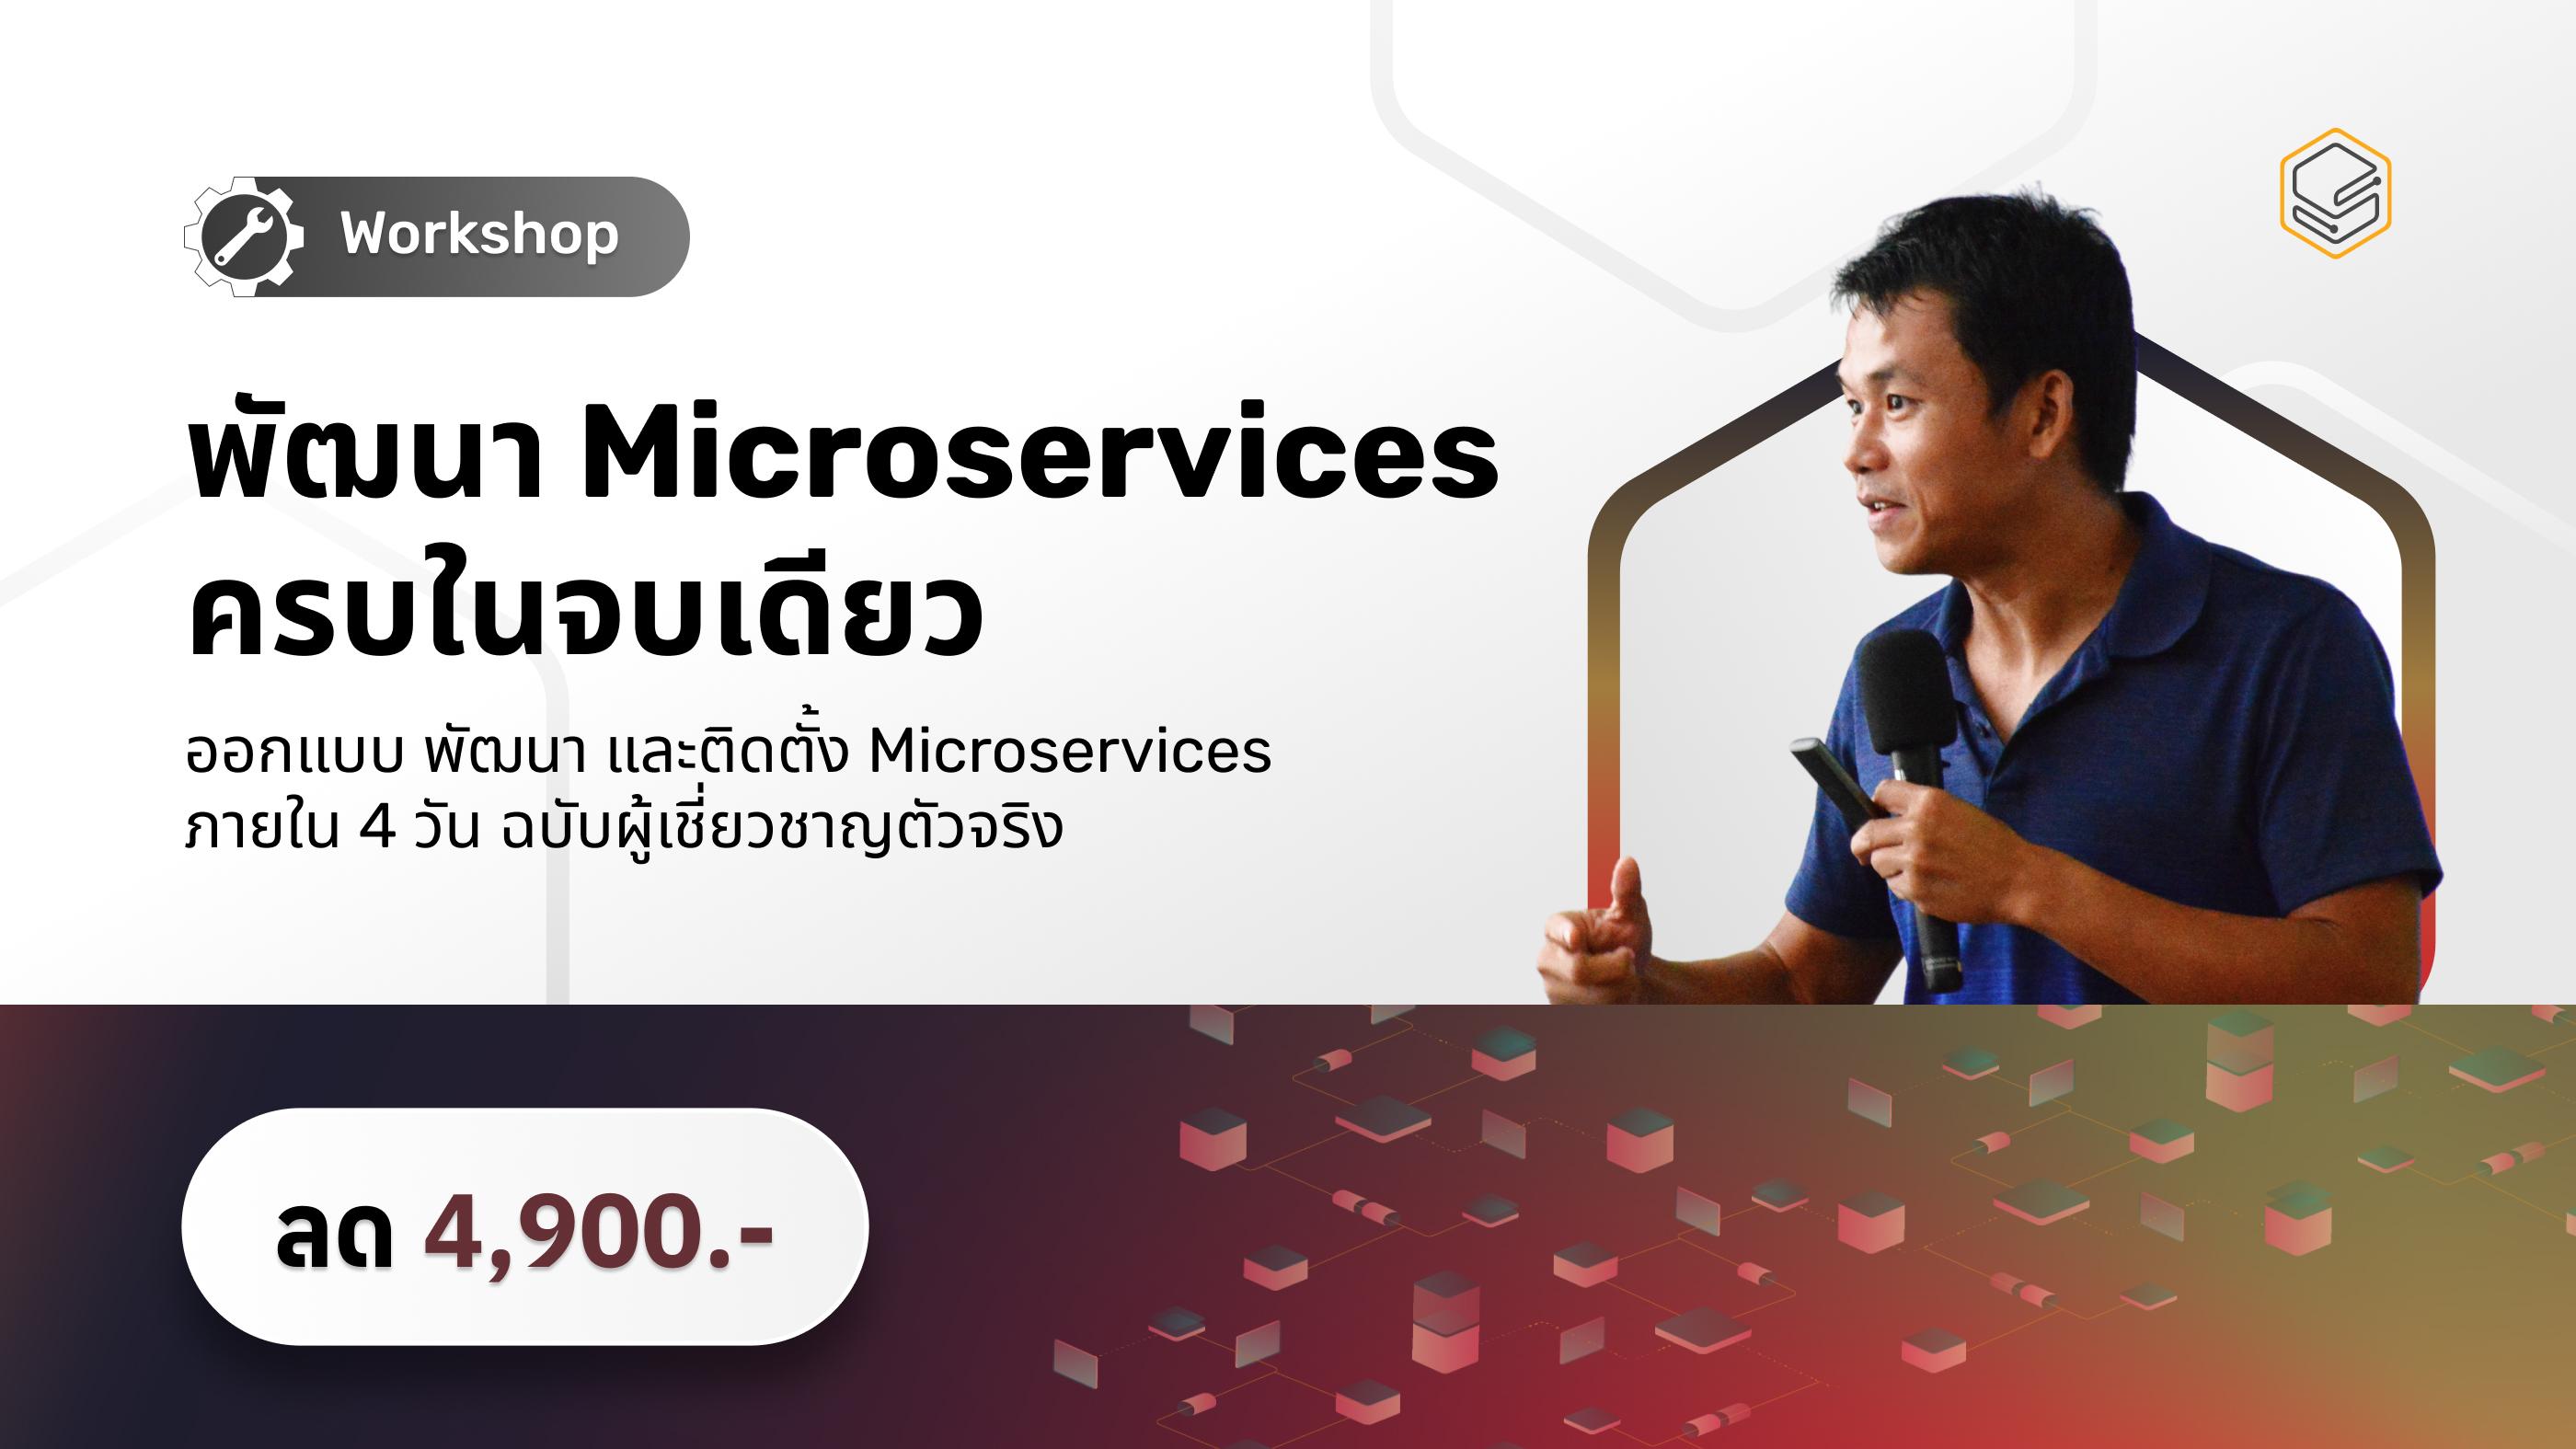 ออกแบบ พัฒนา และติดตั้ง Microservices ครบในจบเดียว | Skooldio Workshop: พัฒนา Microservices ครบในจบเดียว